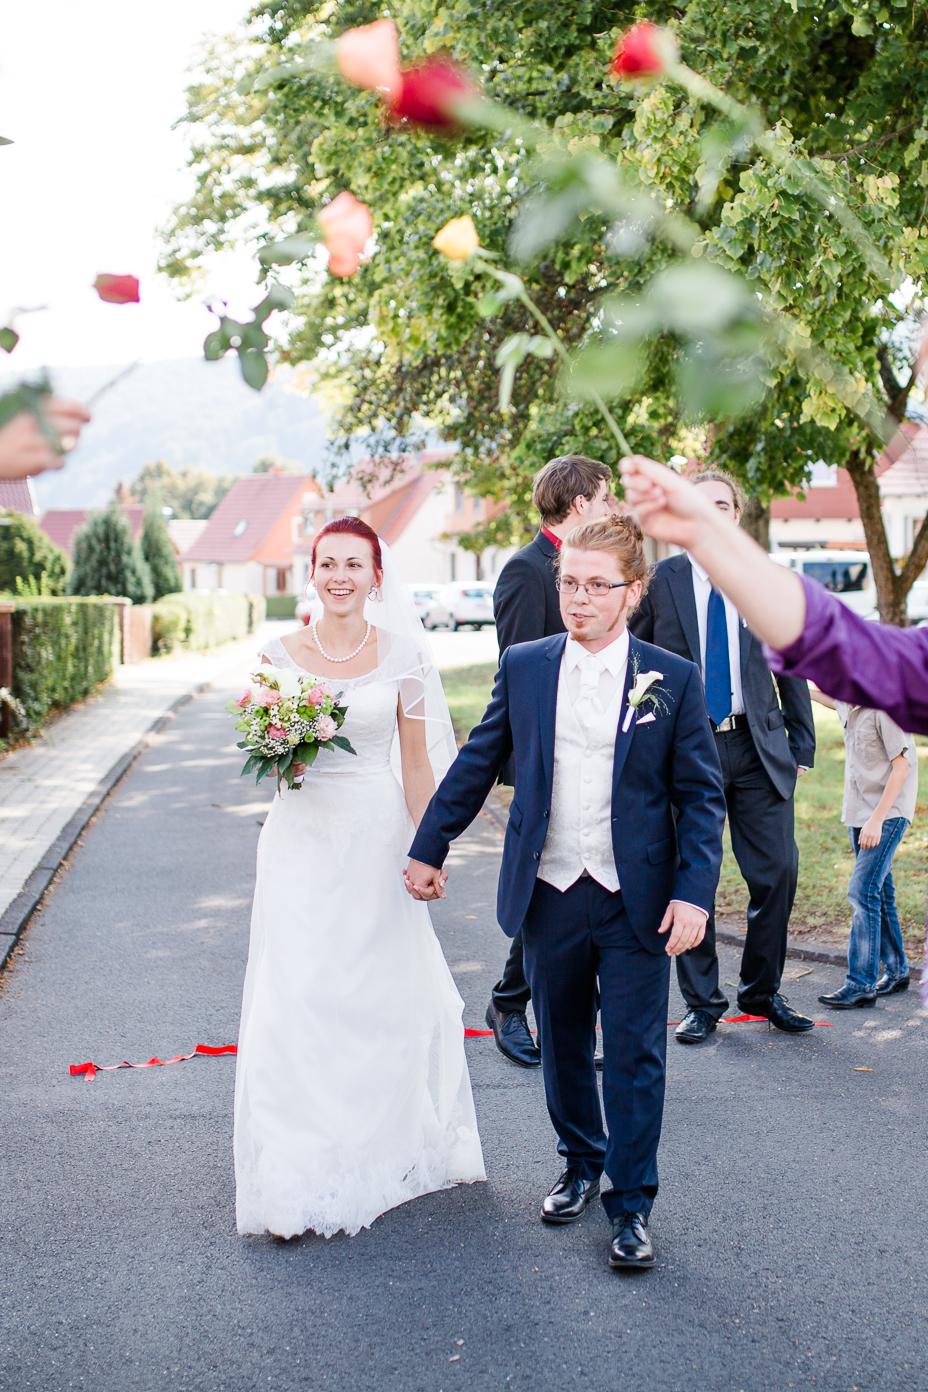 Hochzeitsfotografie-Bad Sooden-Allendorf-Inka Englisch Photography-Low Budget Hochzeit-2015_54